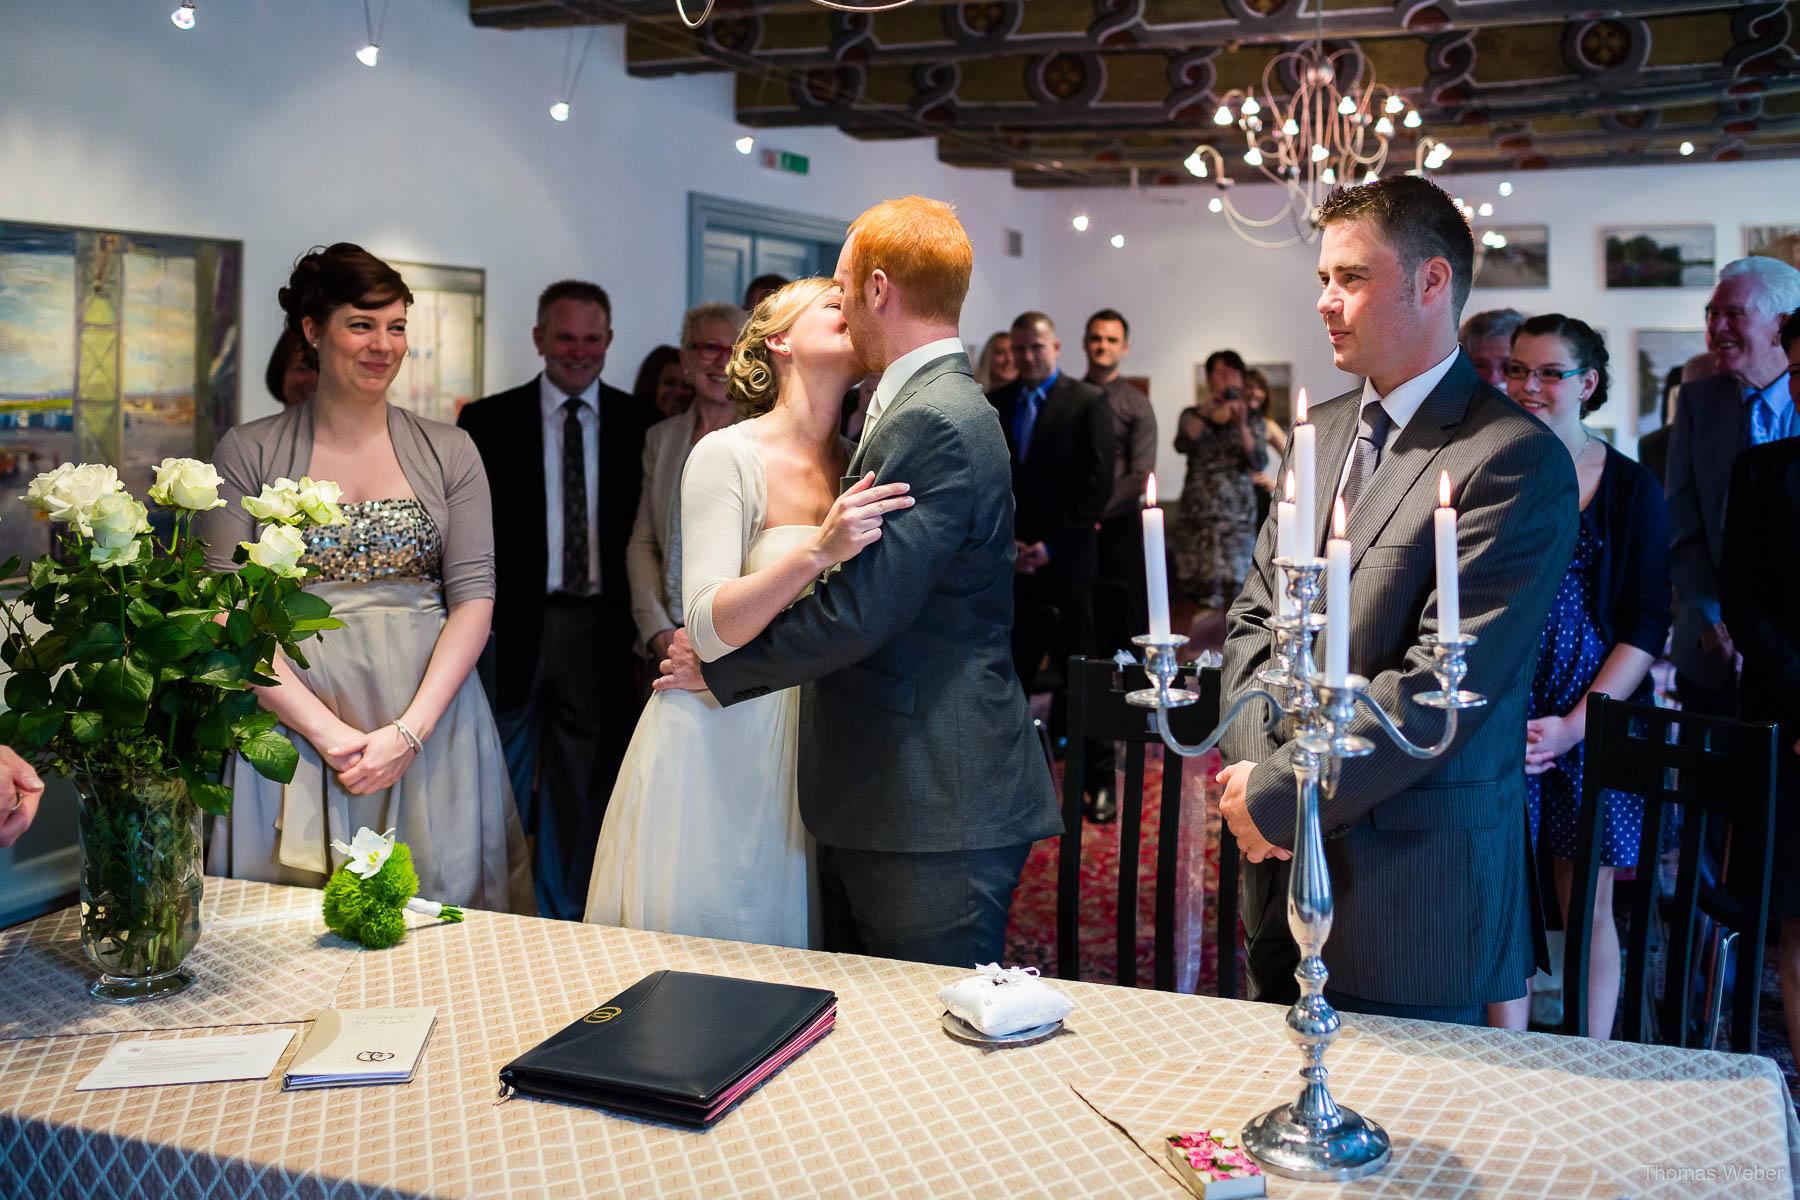 Hochzeit in der Burg Kniphausen Wilhelmshaven und Hochzeitsfeier im Le Patron am Meer, Hochzeitsfotograf Wilhelmshaven